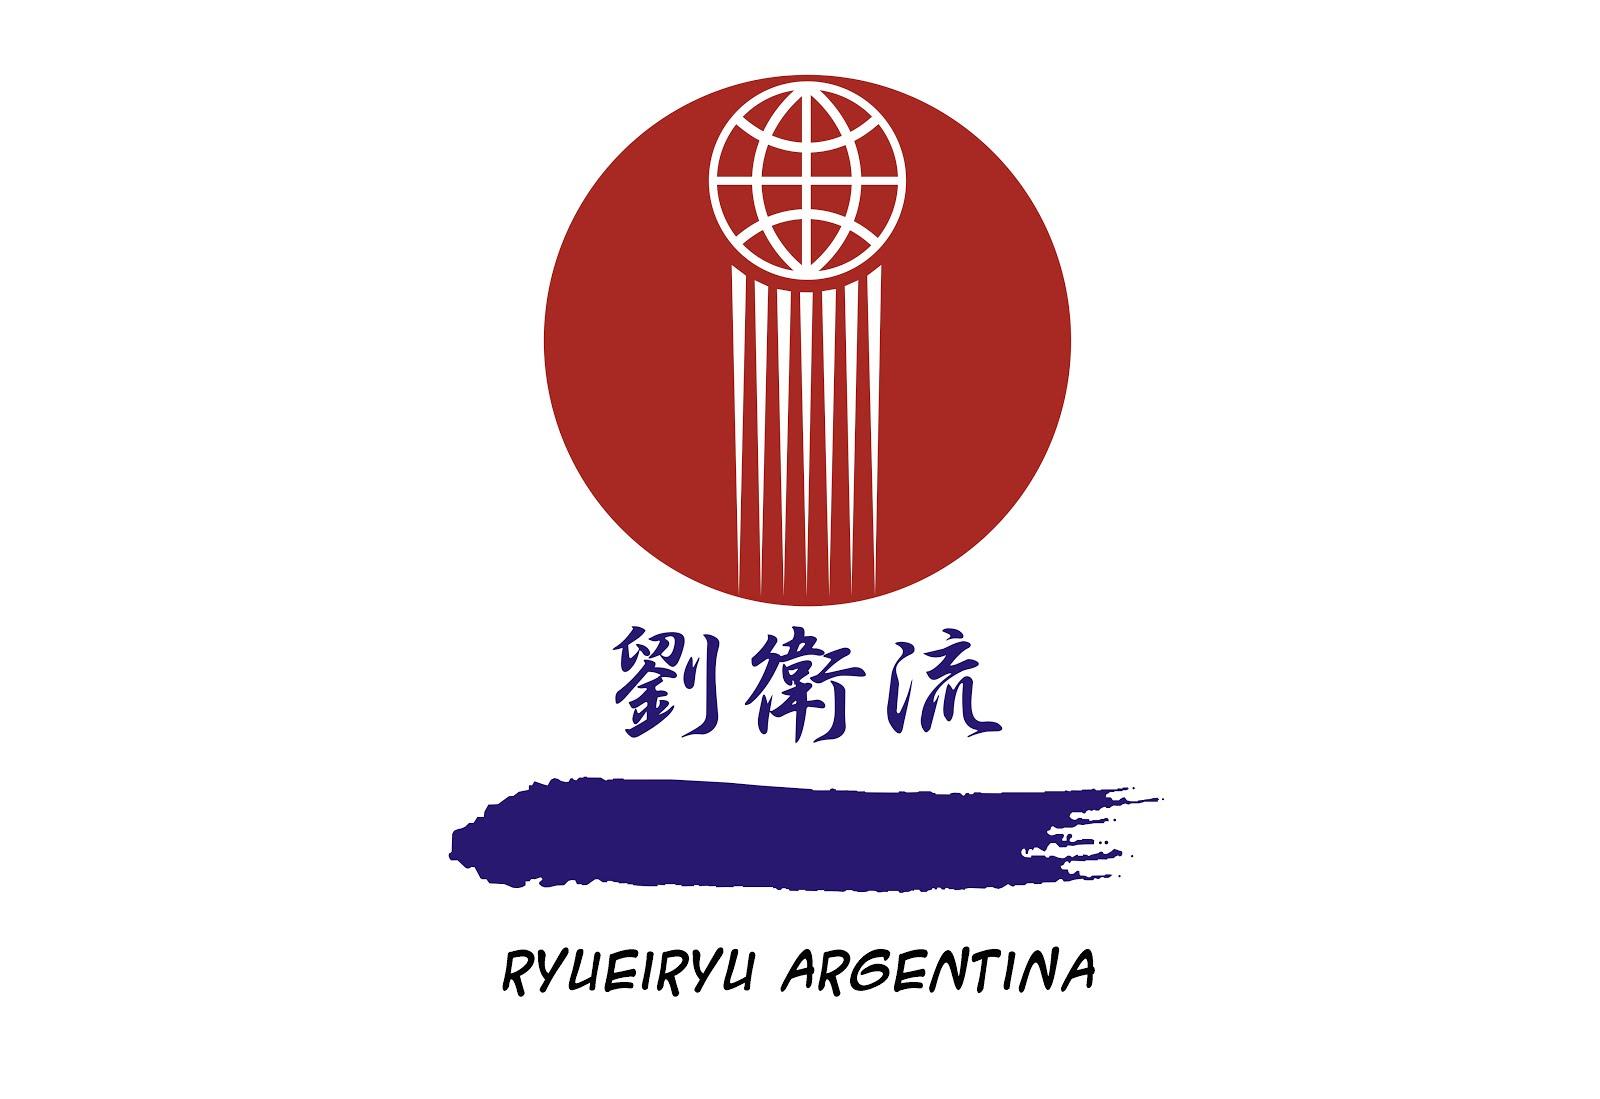 Ryuei Ryu Argentina